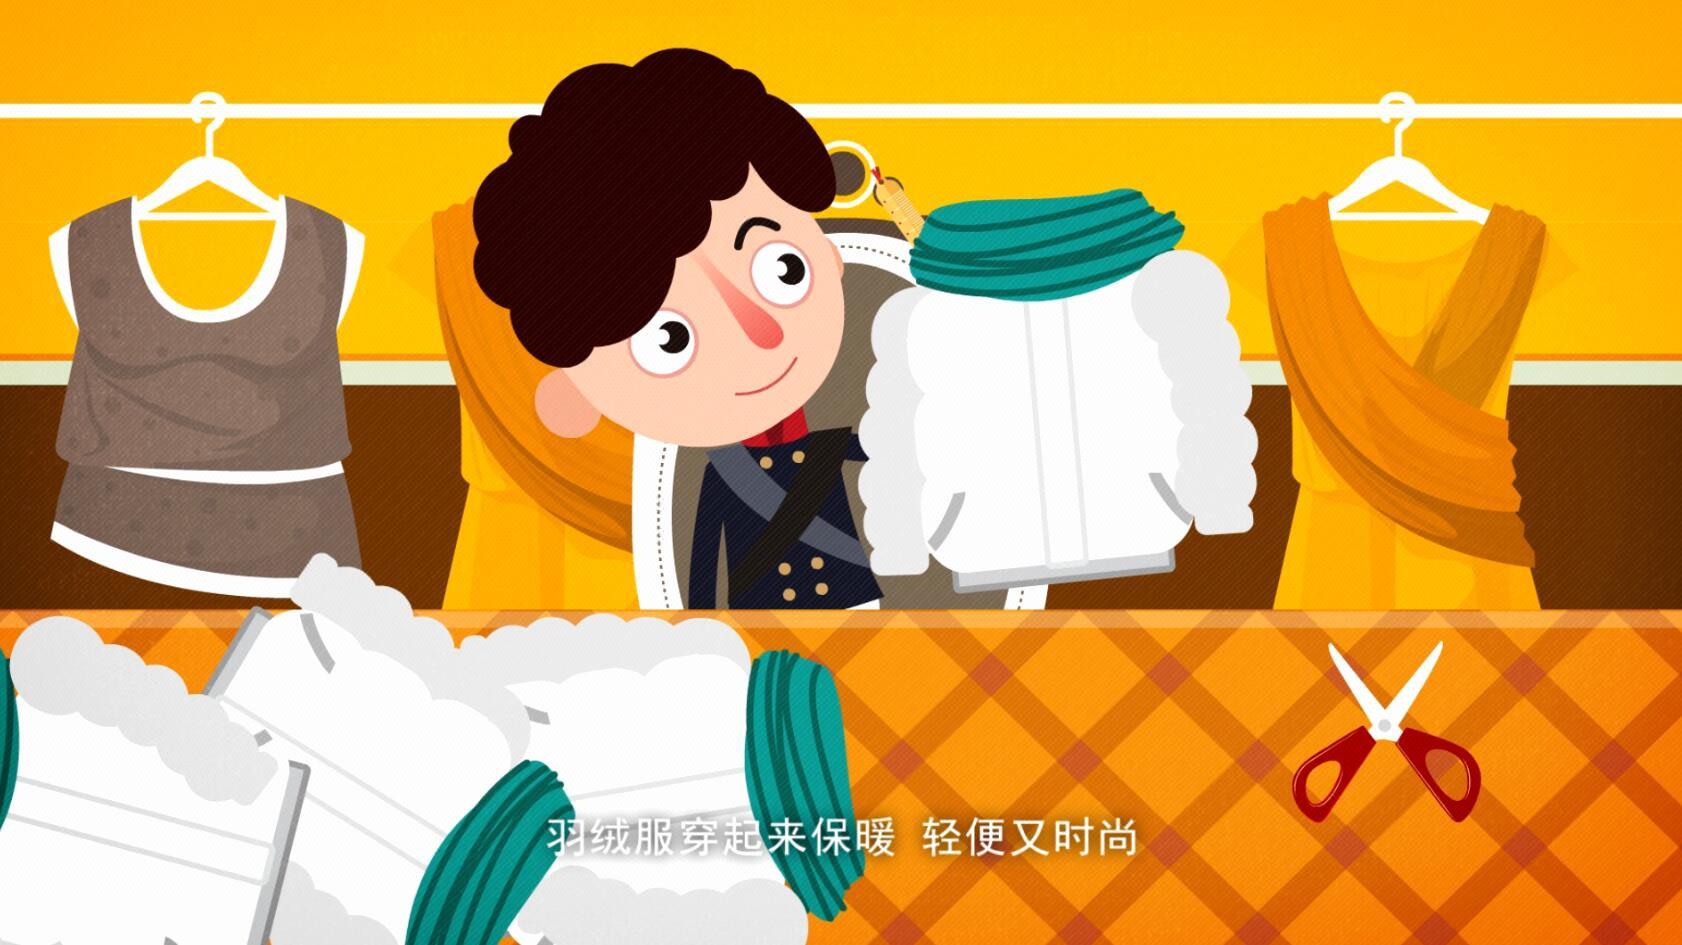 【聚划算】工业广告片APP宣传片MG动画制作